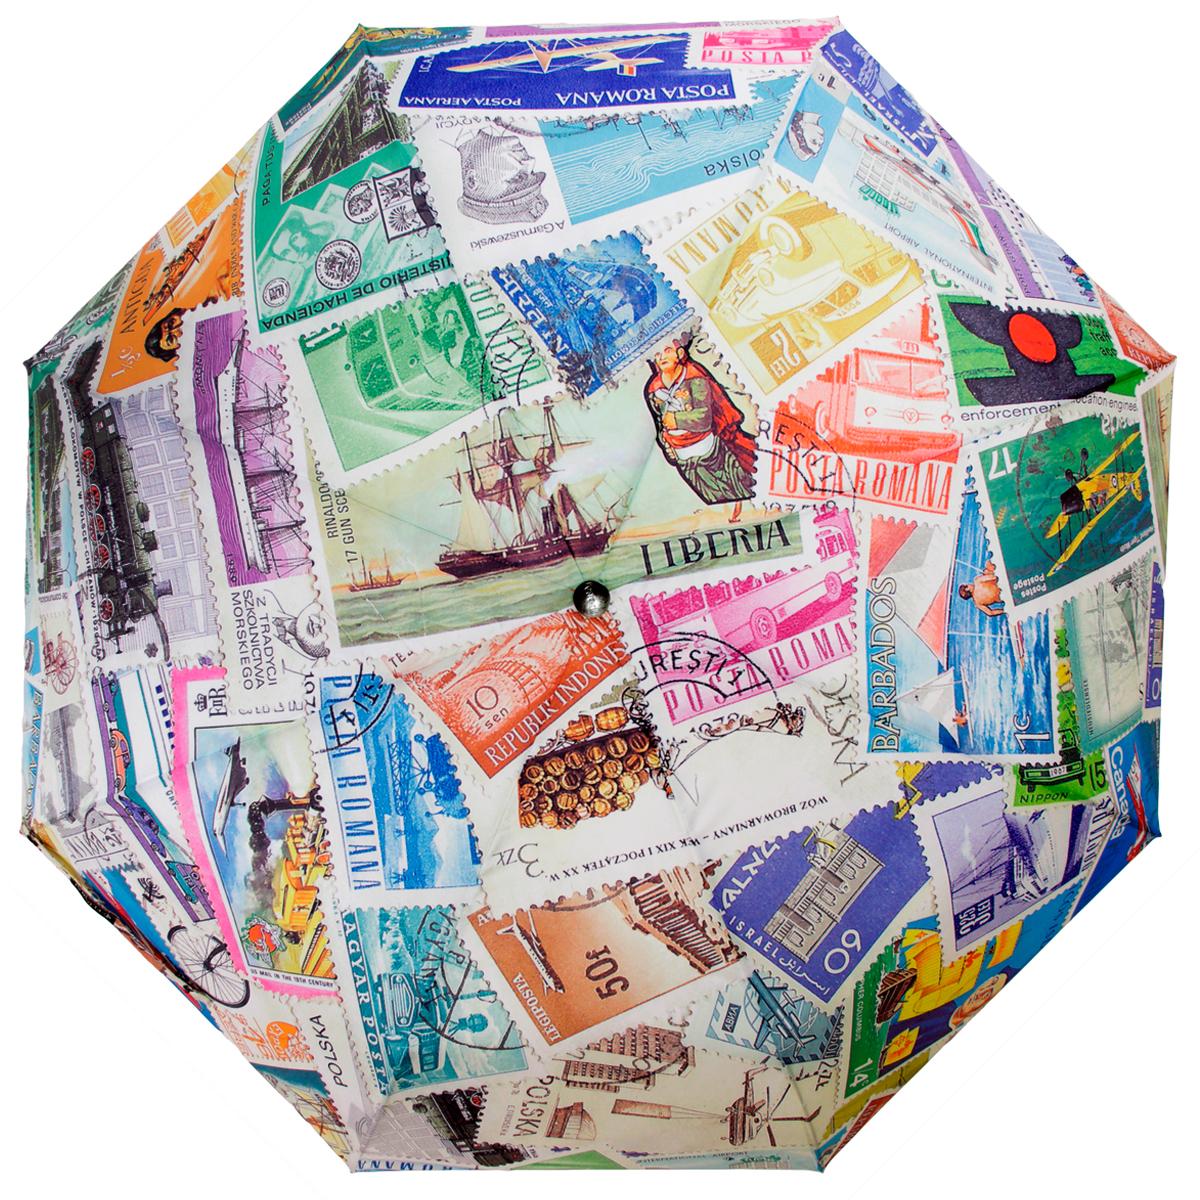 Зонт женский Flioraj Почтовые марки, автомат, 3 сложения, белый, зеленый, розовый зонт женский derby polka 3 сложения полный автомат бордовый